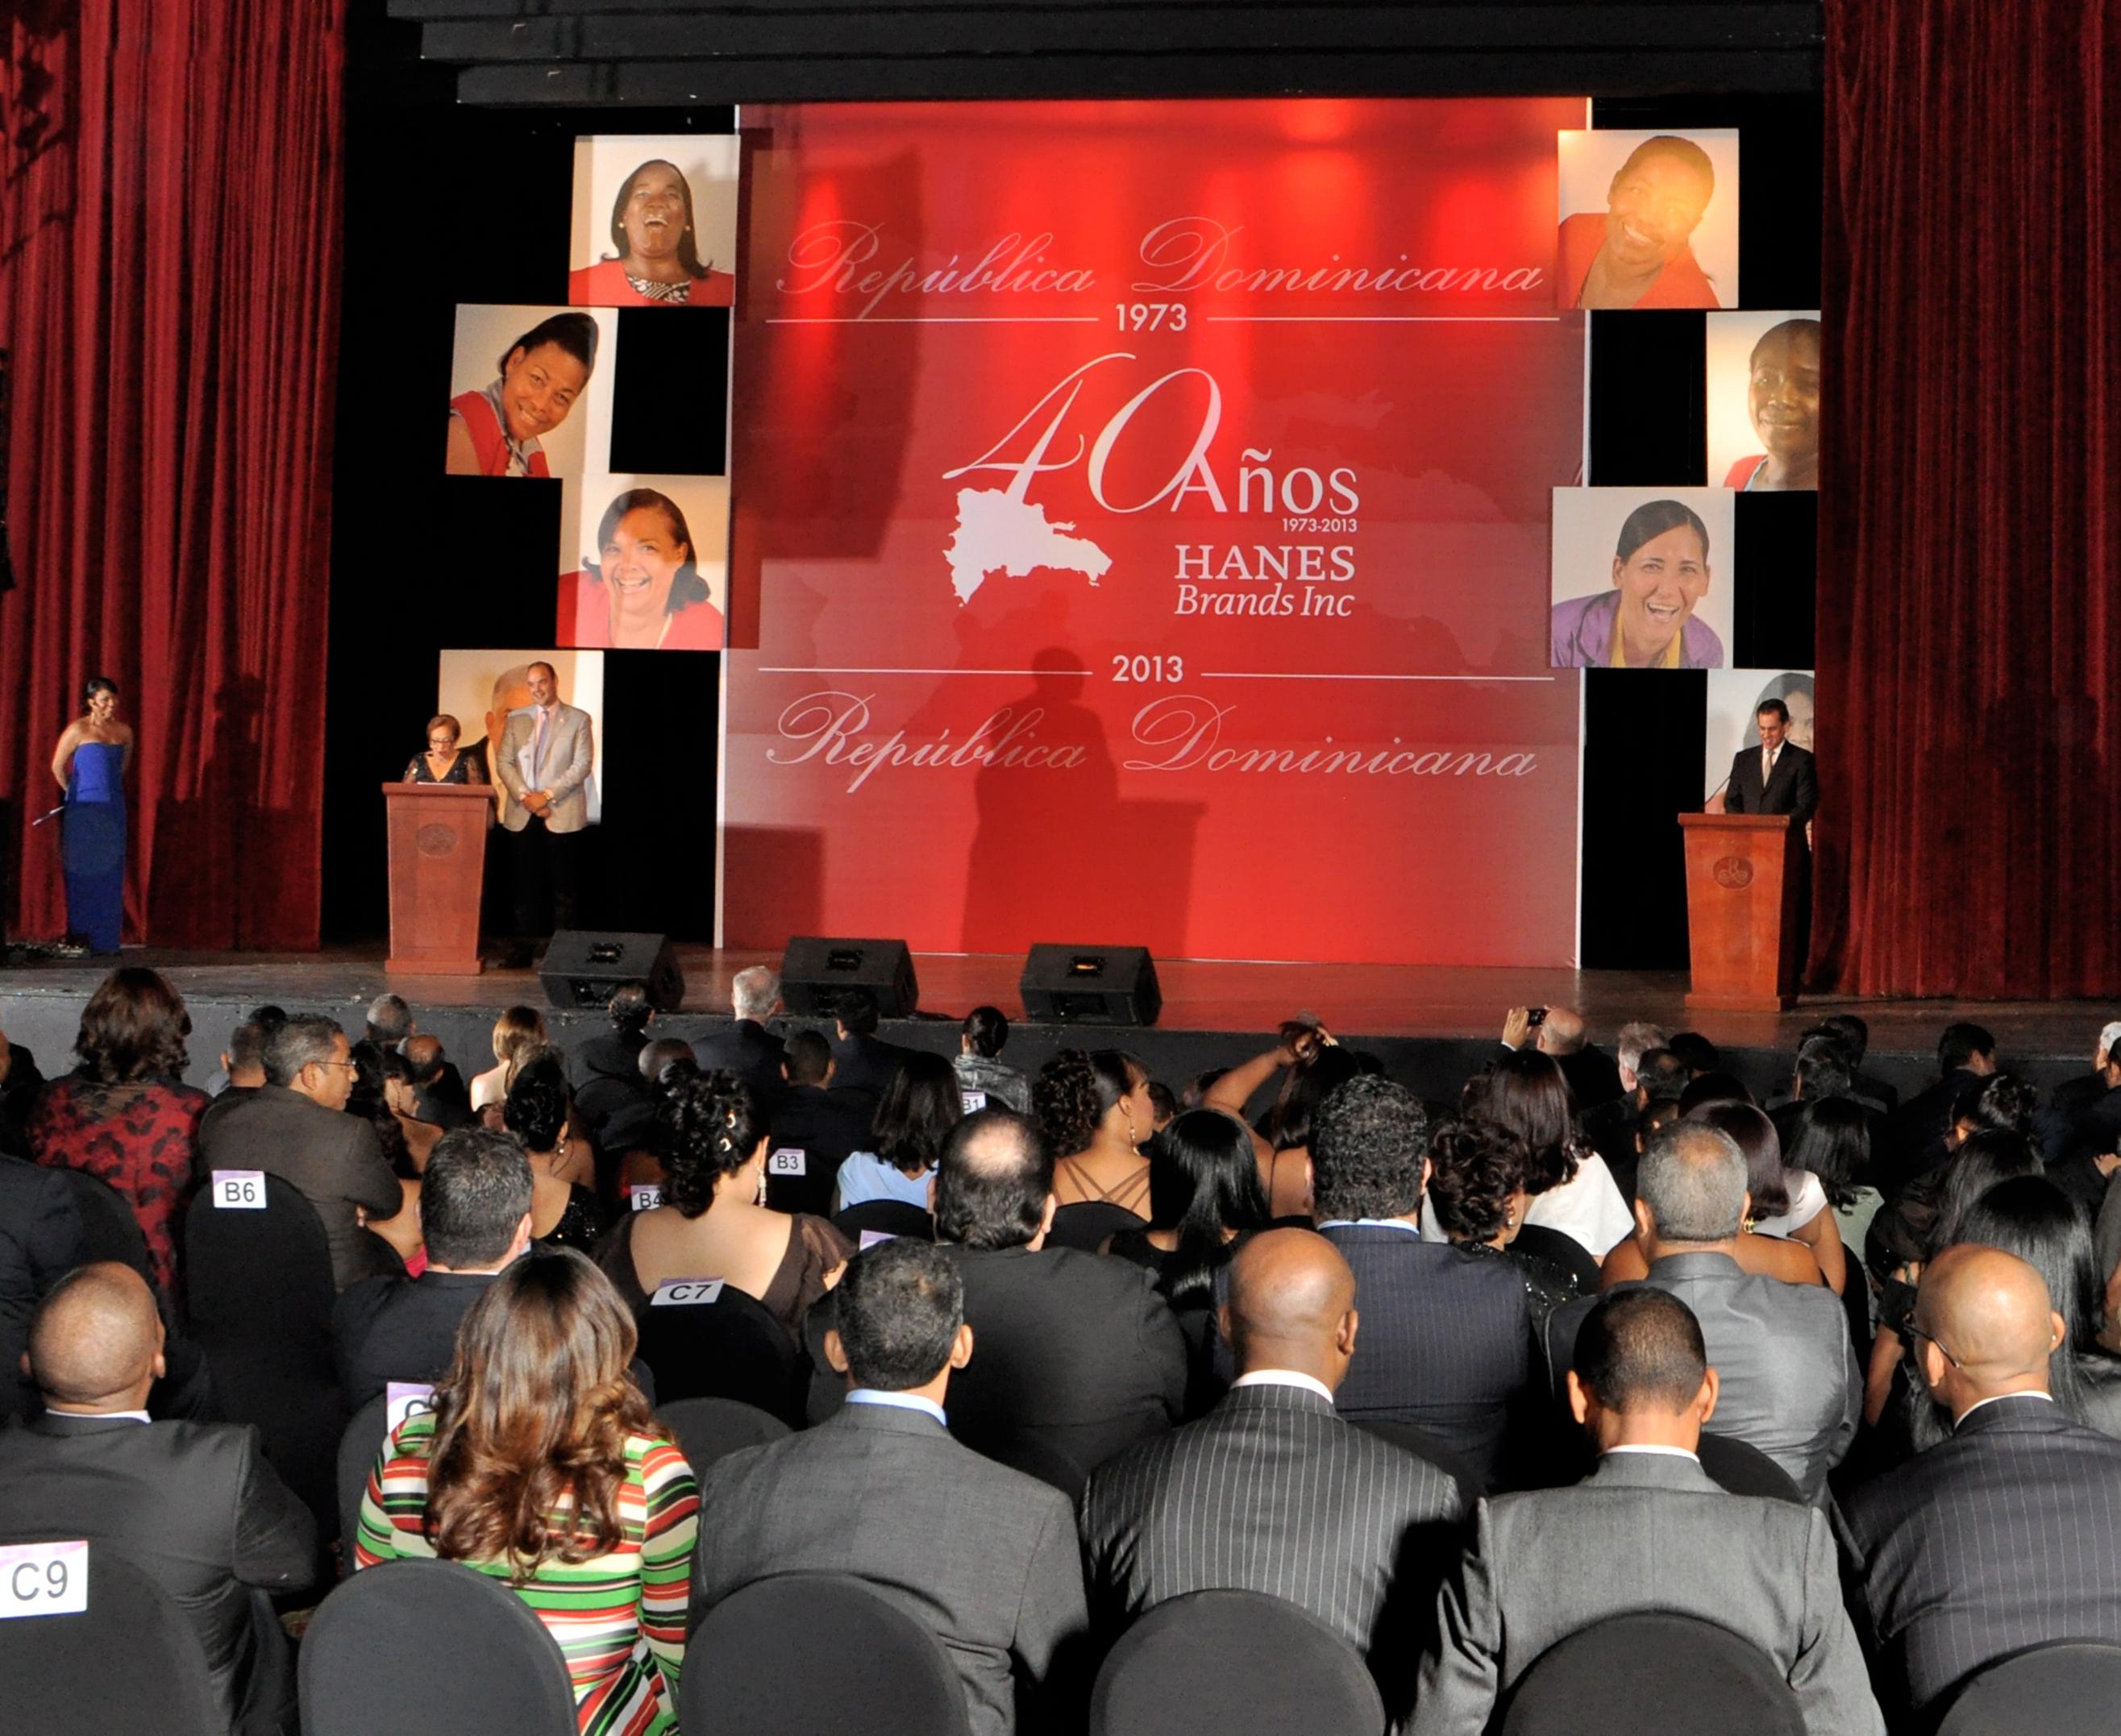 Empresa Hanes celebra su cuadragésimo aniversario